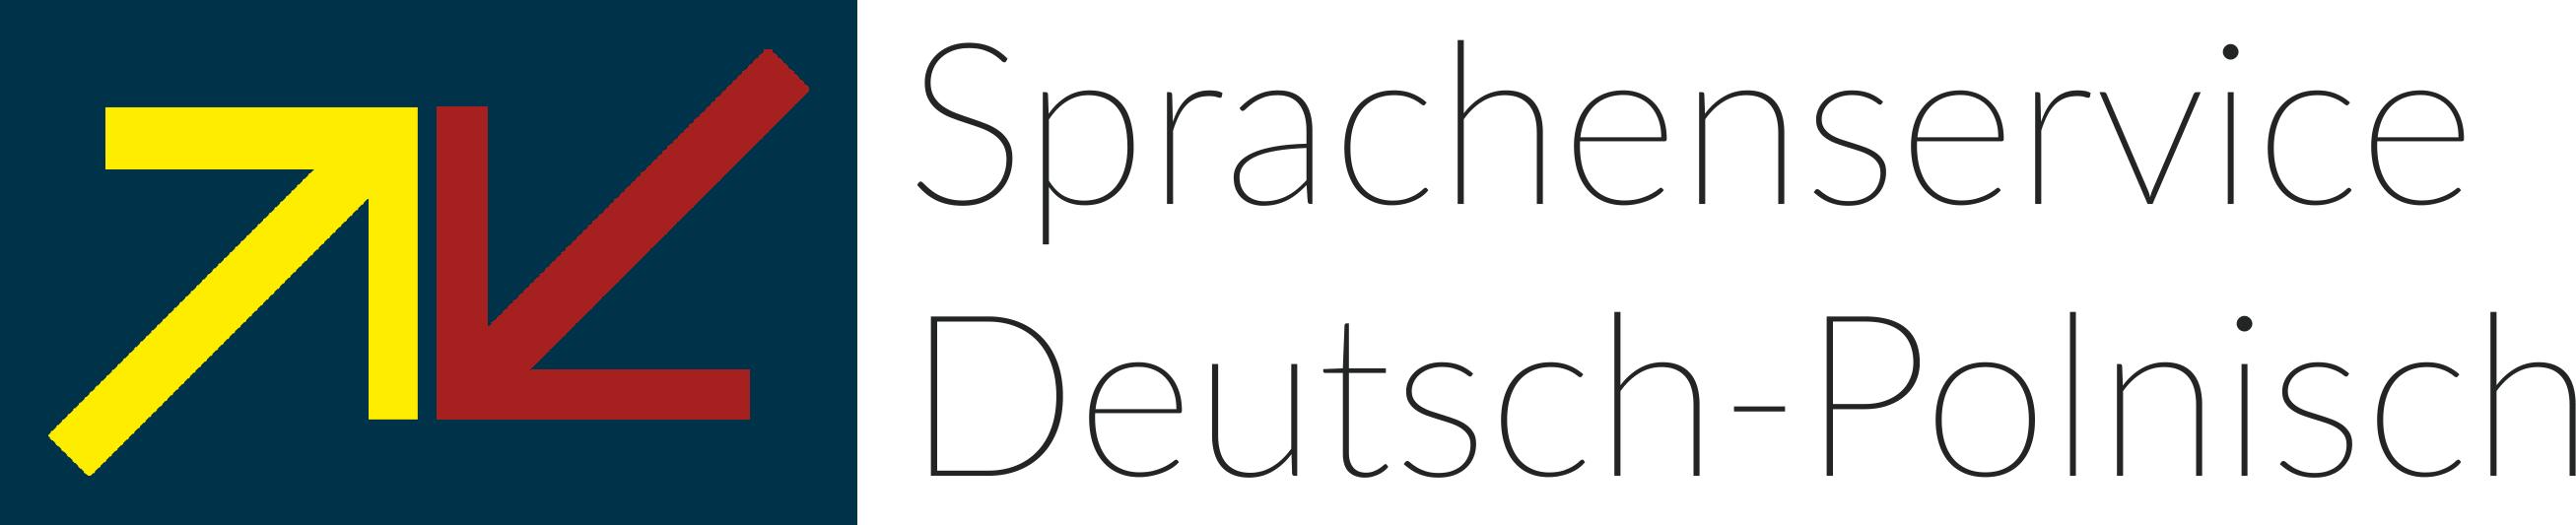 Sprachenservice Dt-Pl